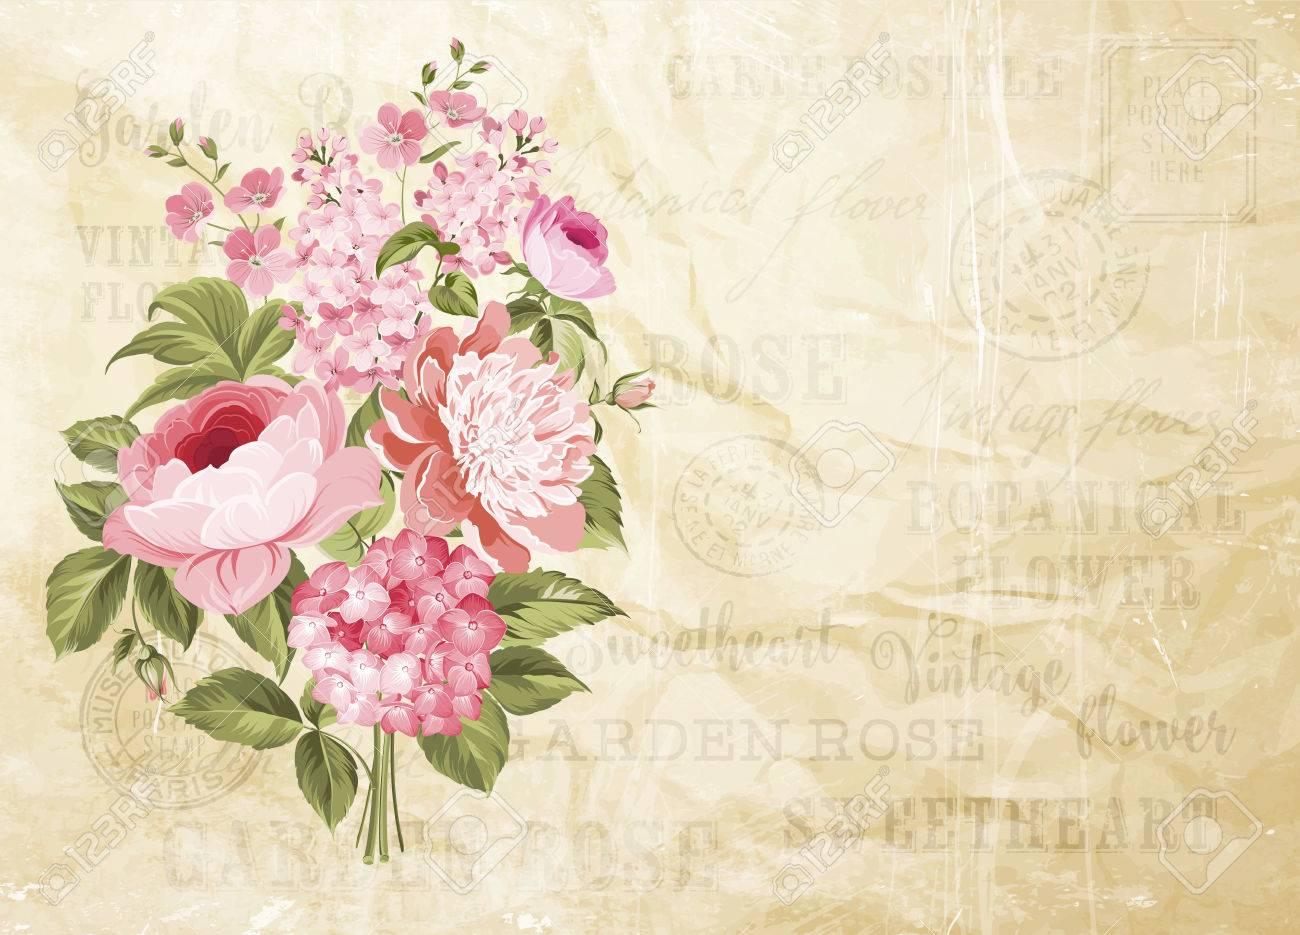 Blumengirlande Fur Einladungskarte Kartenschablone Mit Bluhenden